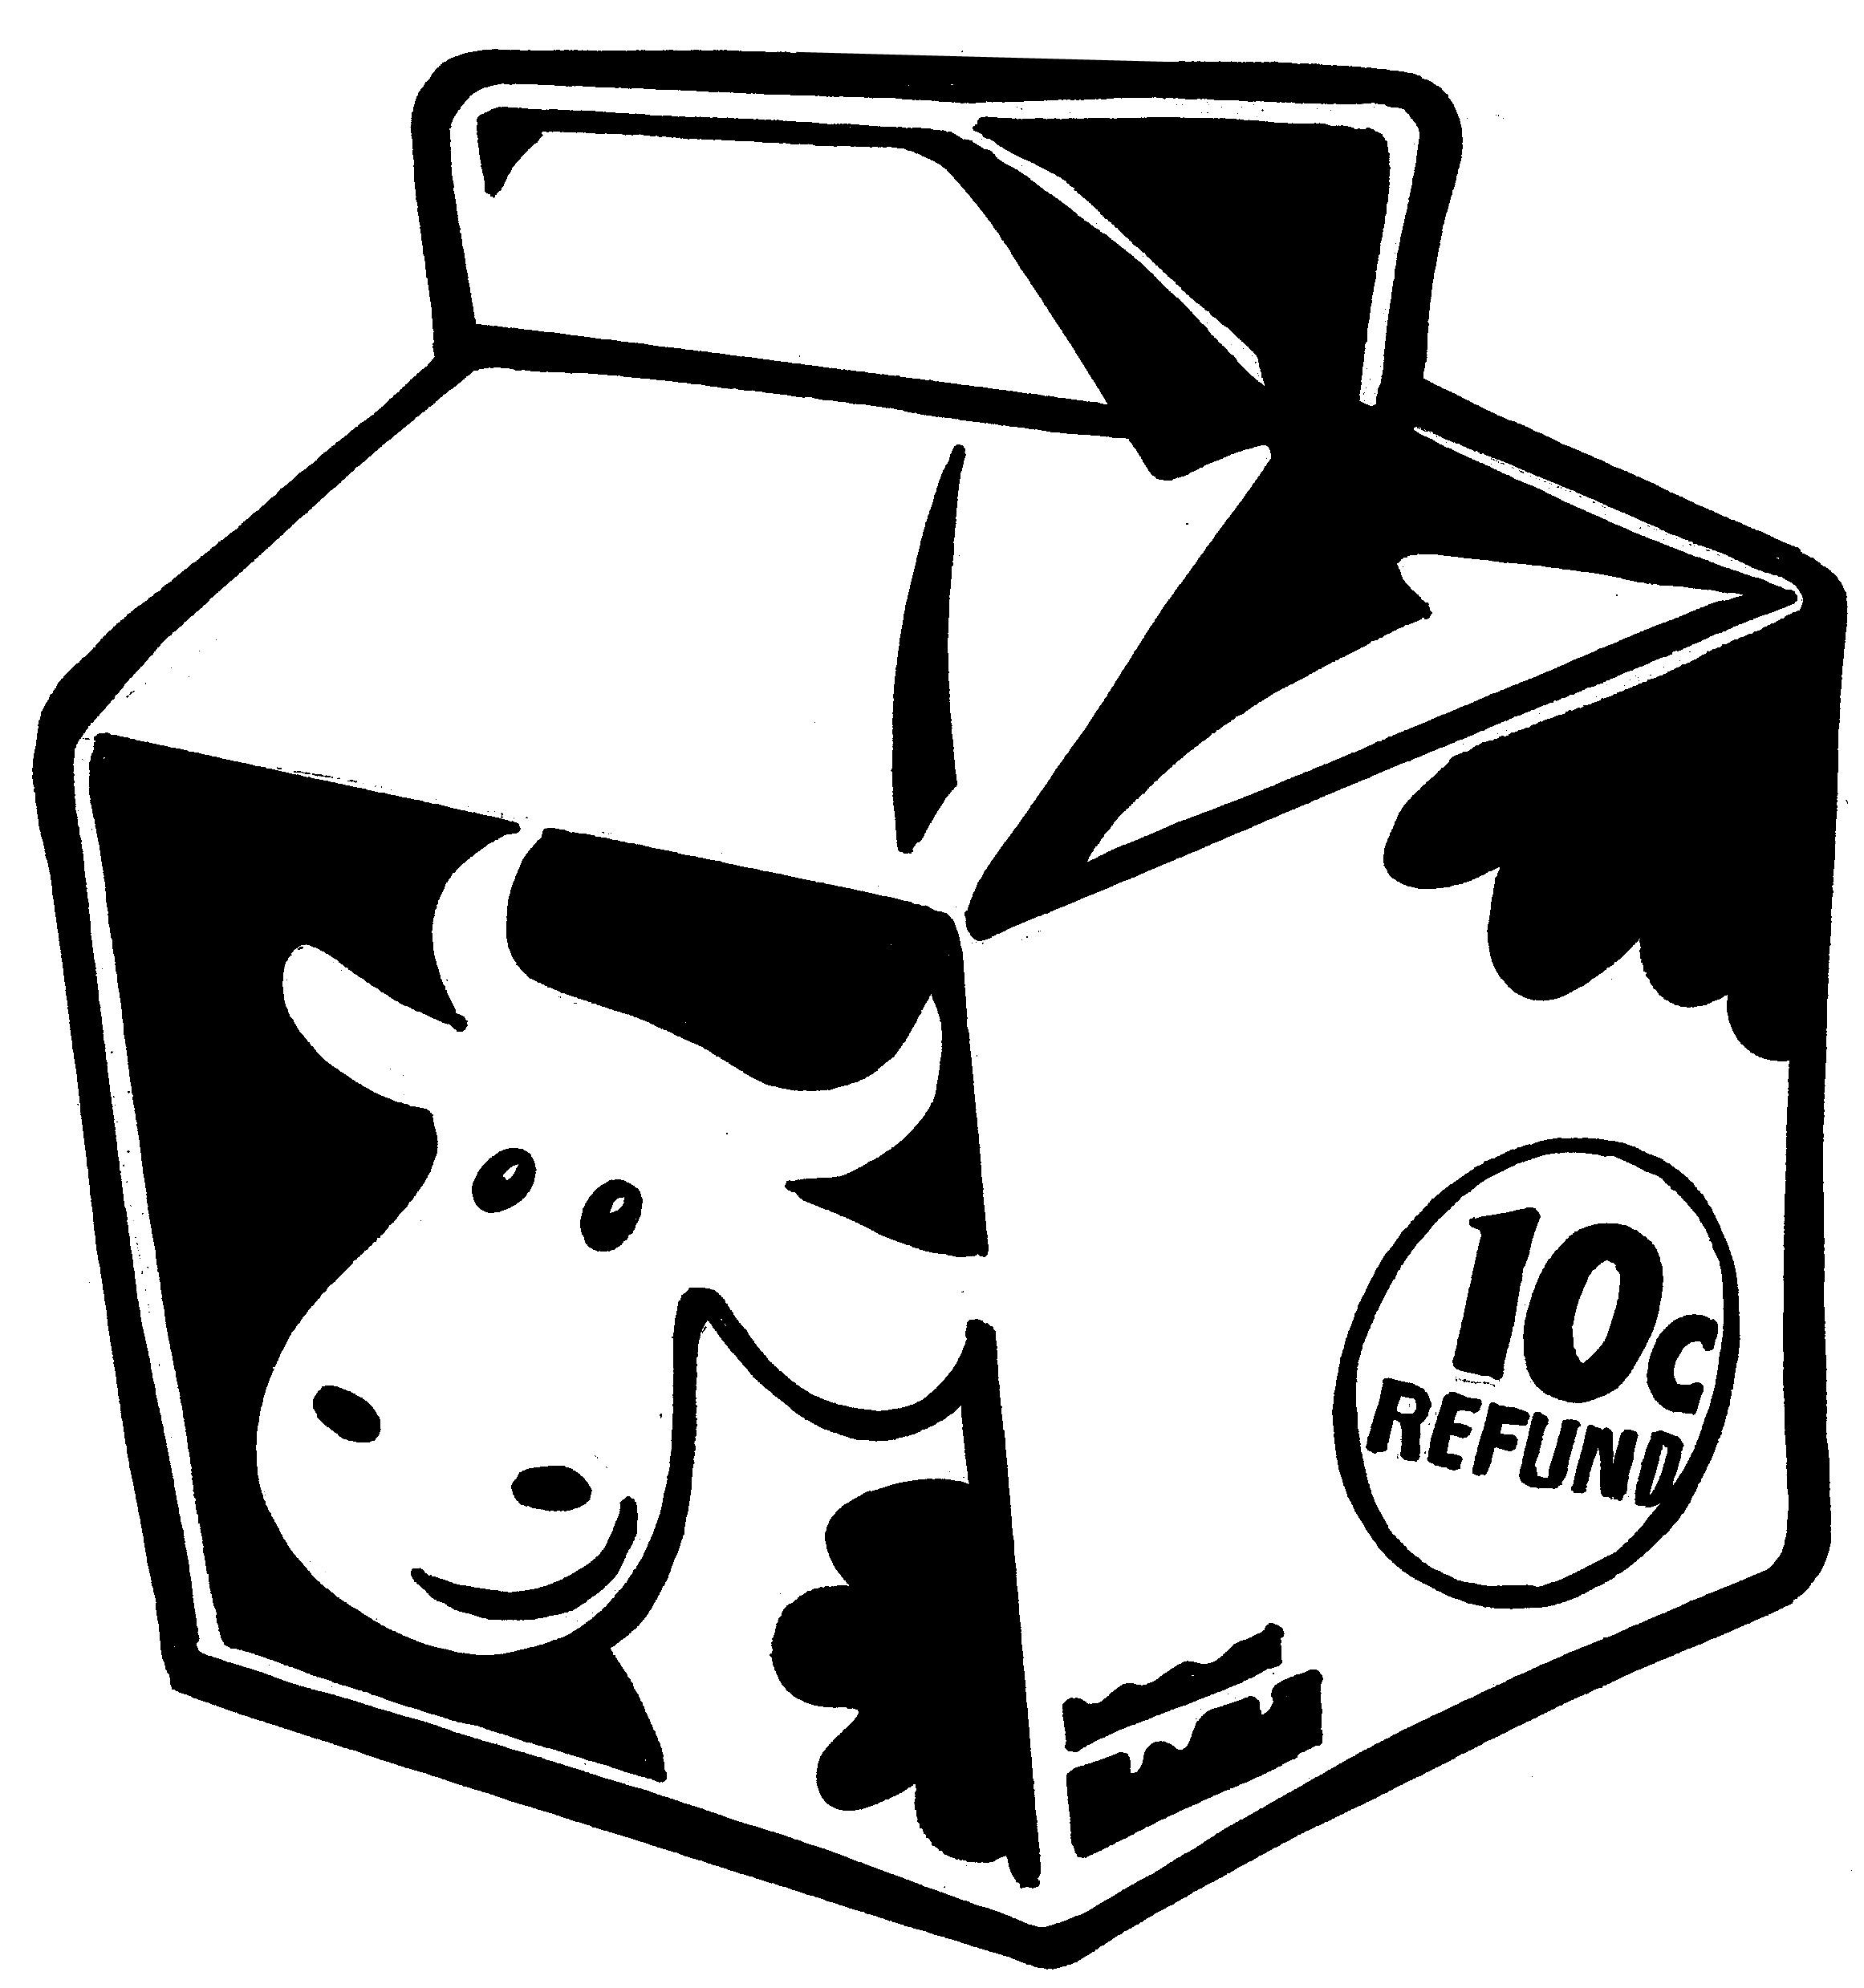 Milk Carton Clip Art #6474 - Milk Carton Clipart